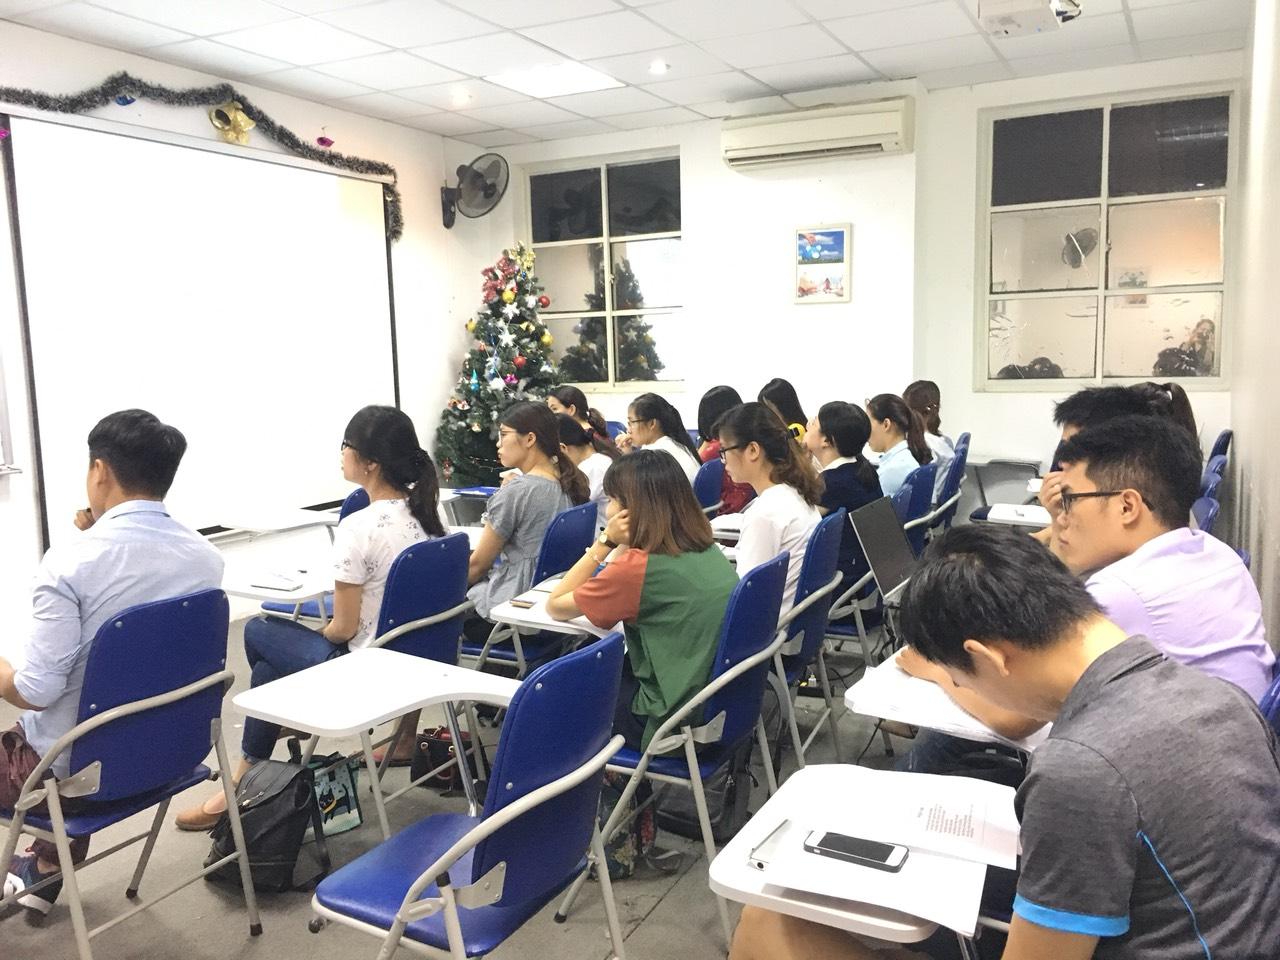 VinaTrain là một trong những trung tâm đào tạo xuất nhập khẩu thực tế hàng đầu tại Việt Nam